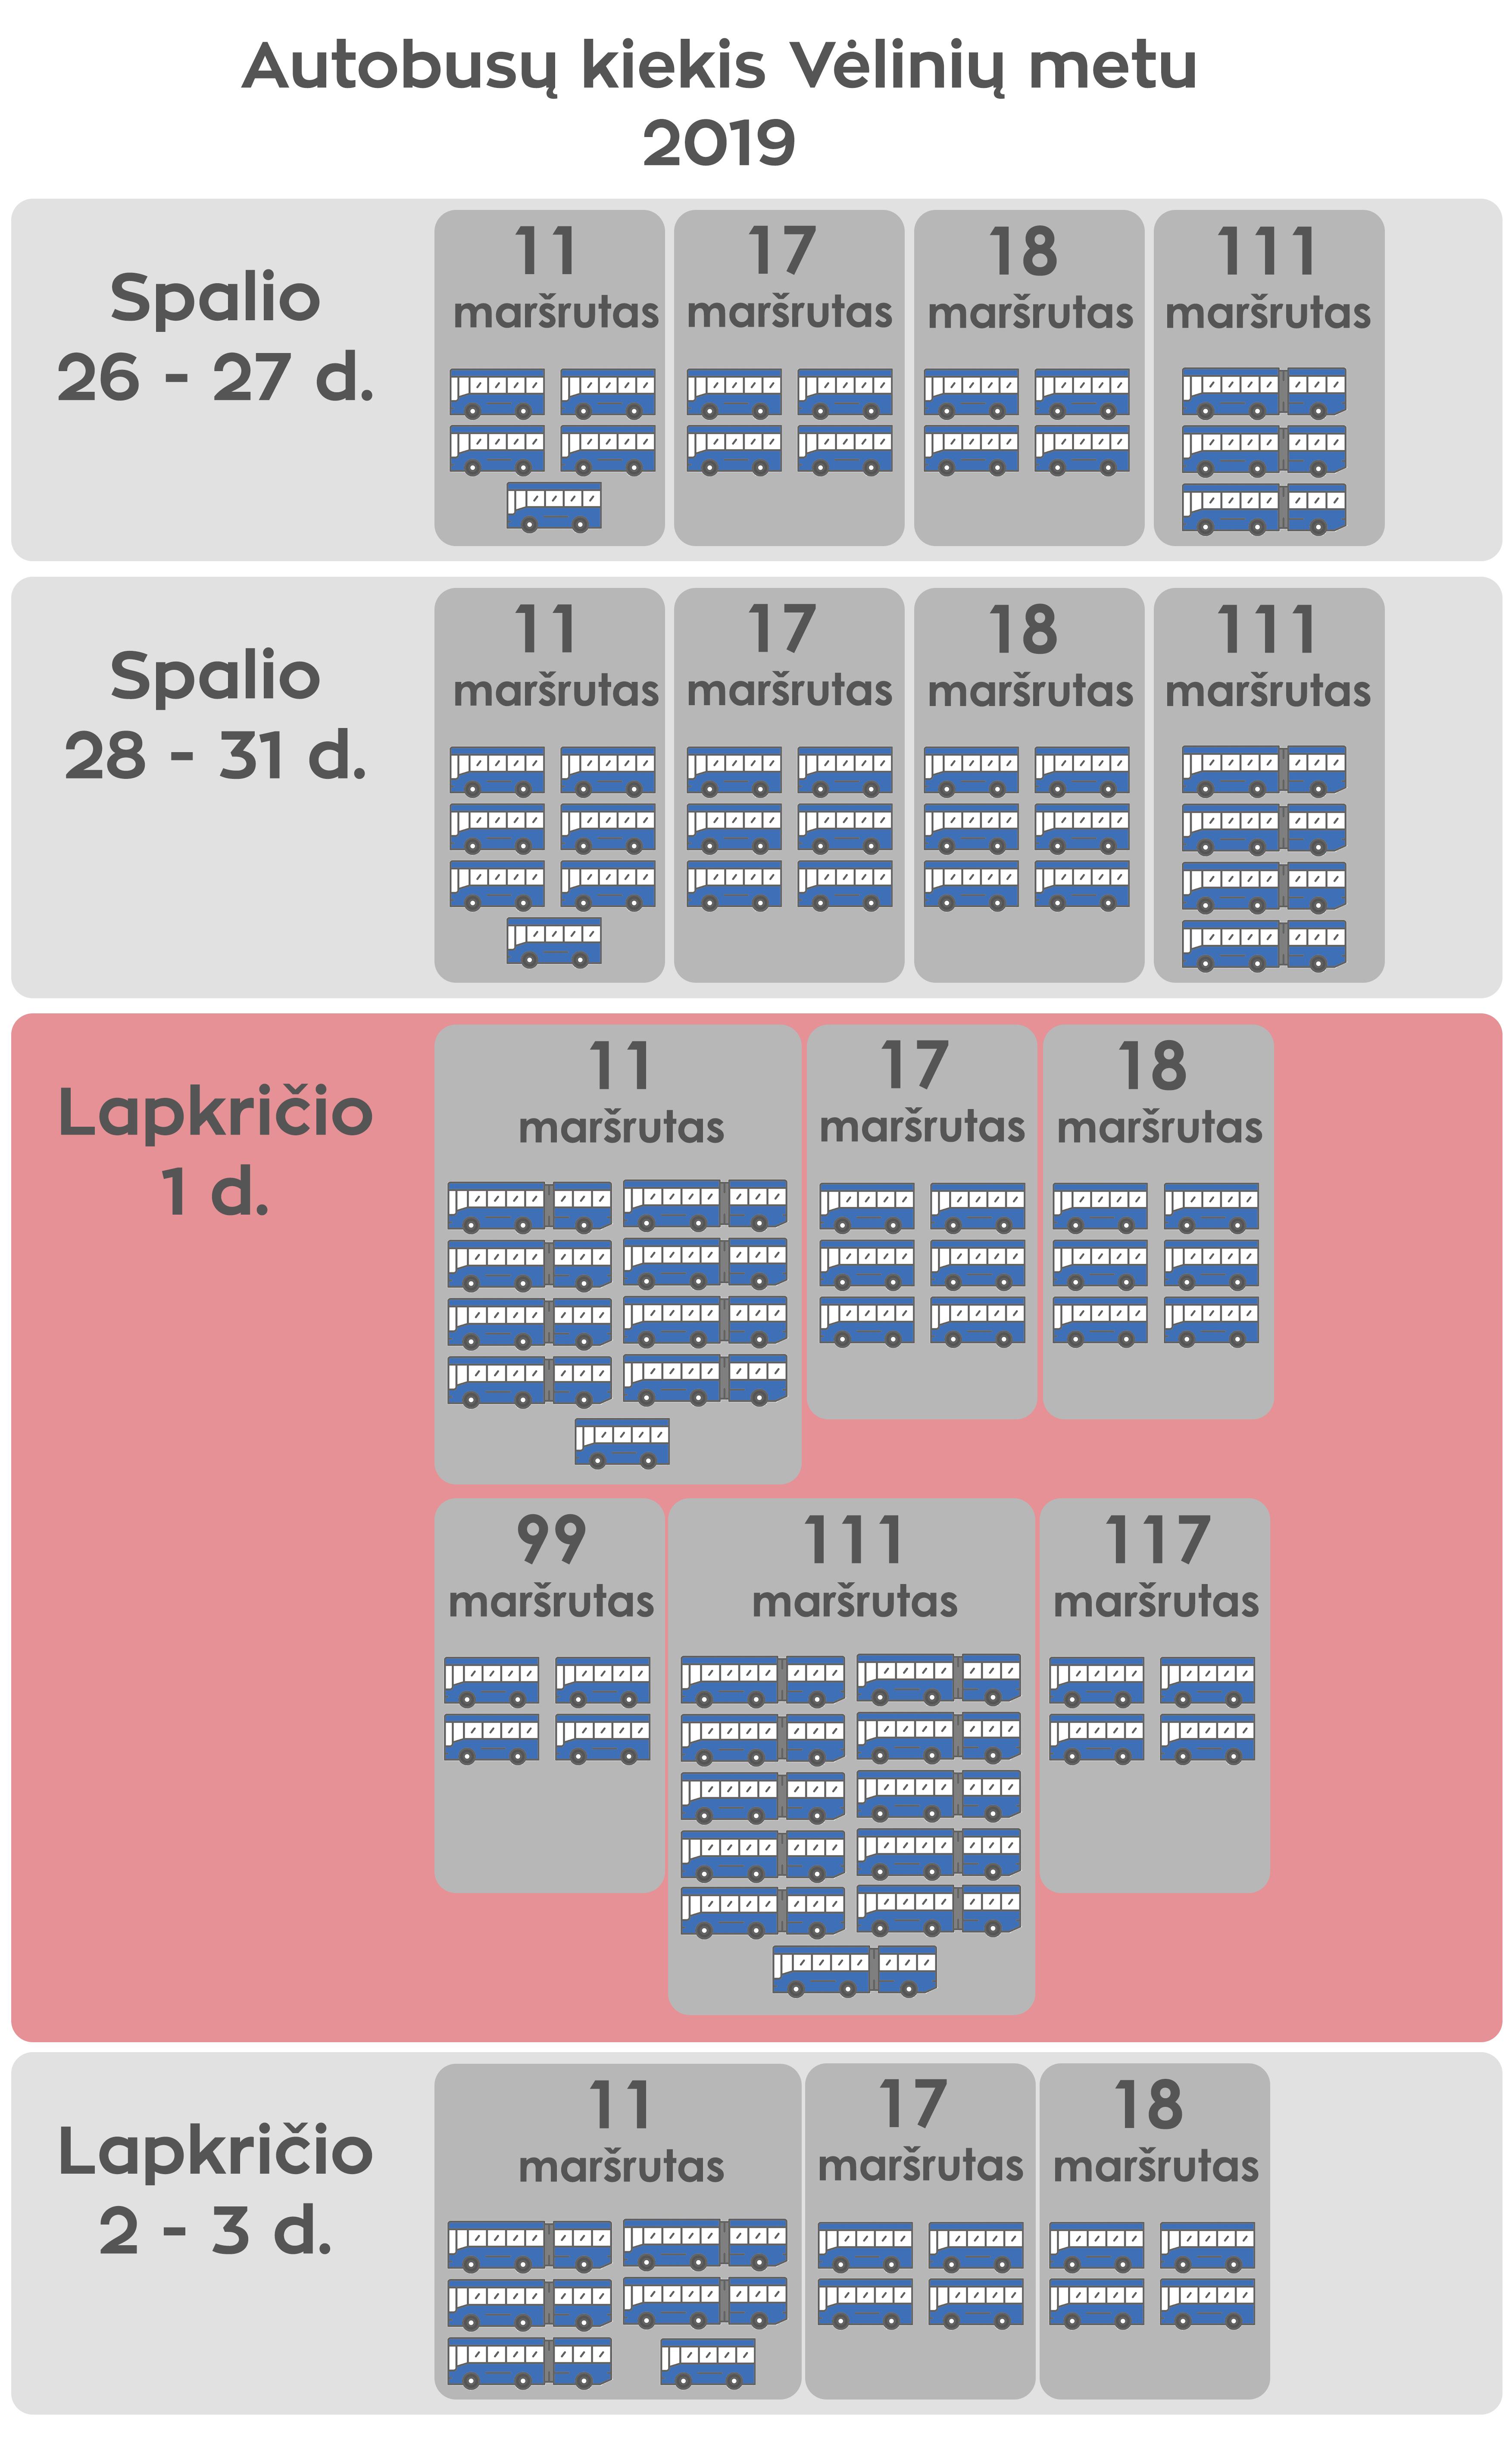 Autobusų kiekis vėlinių metu 2019